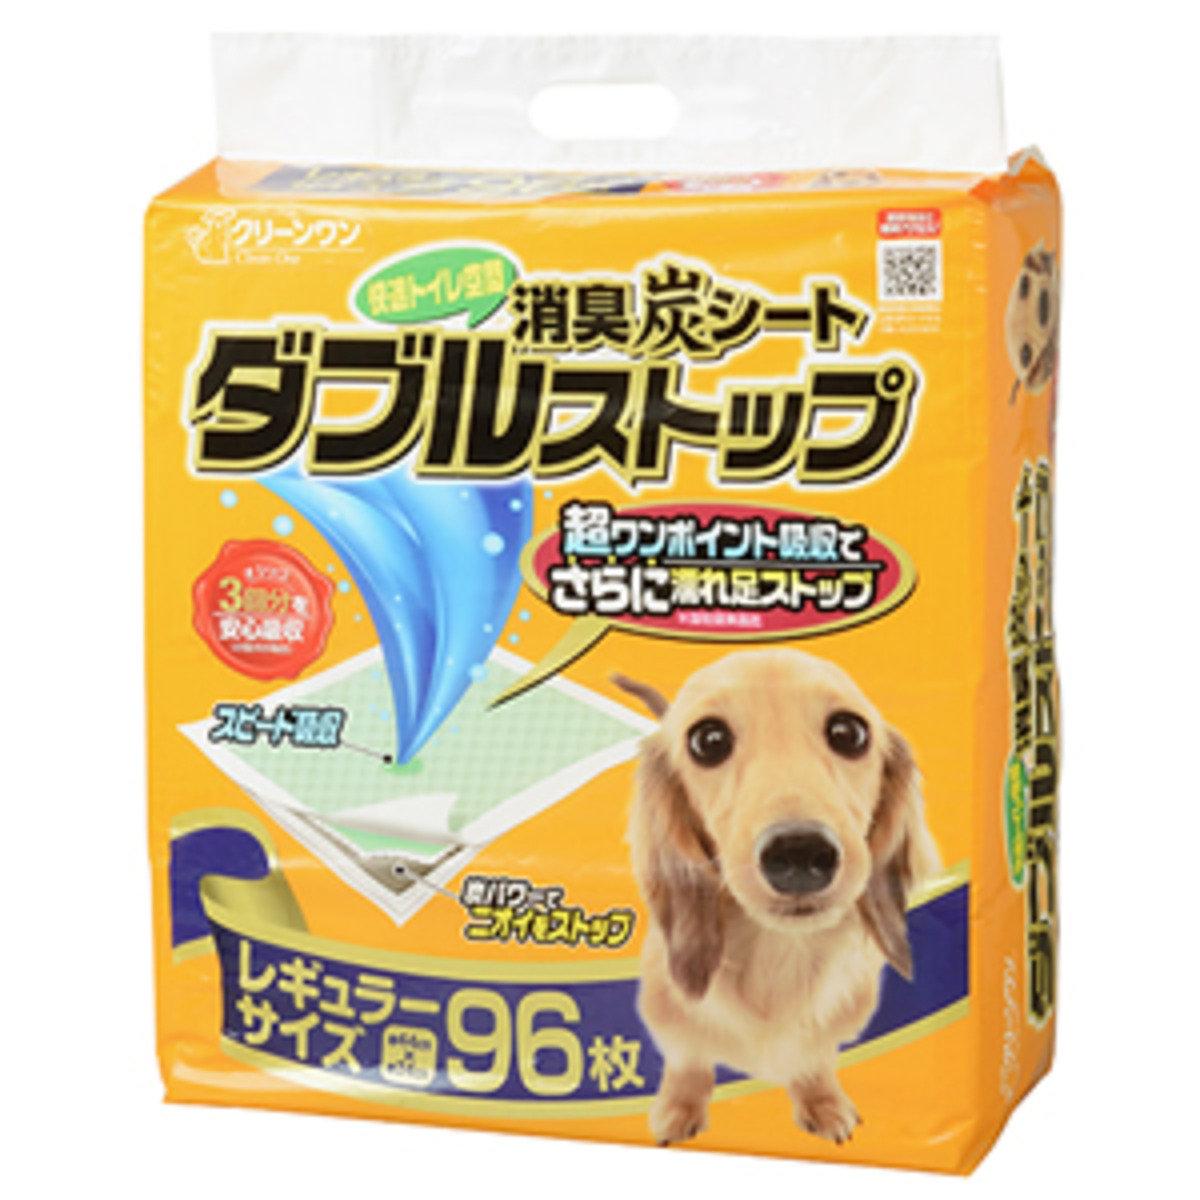 日本 CS (消臭炭) 寵物尿片96片裝 - 45x34cm